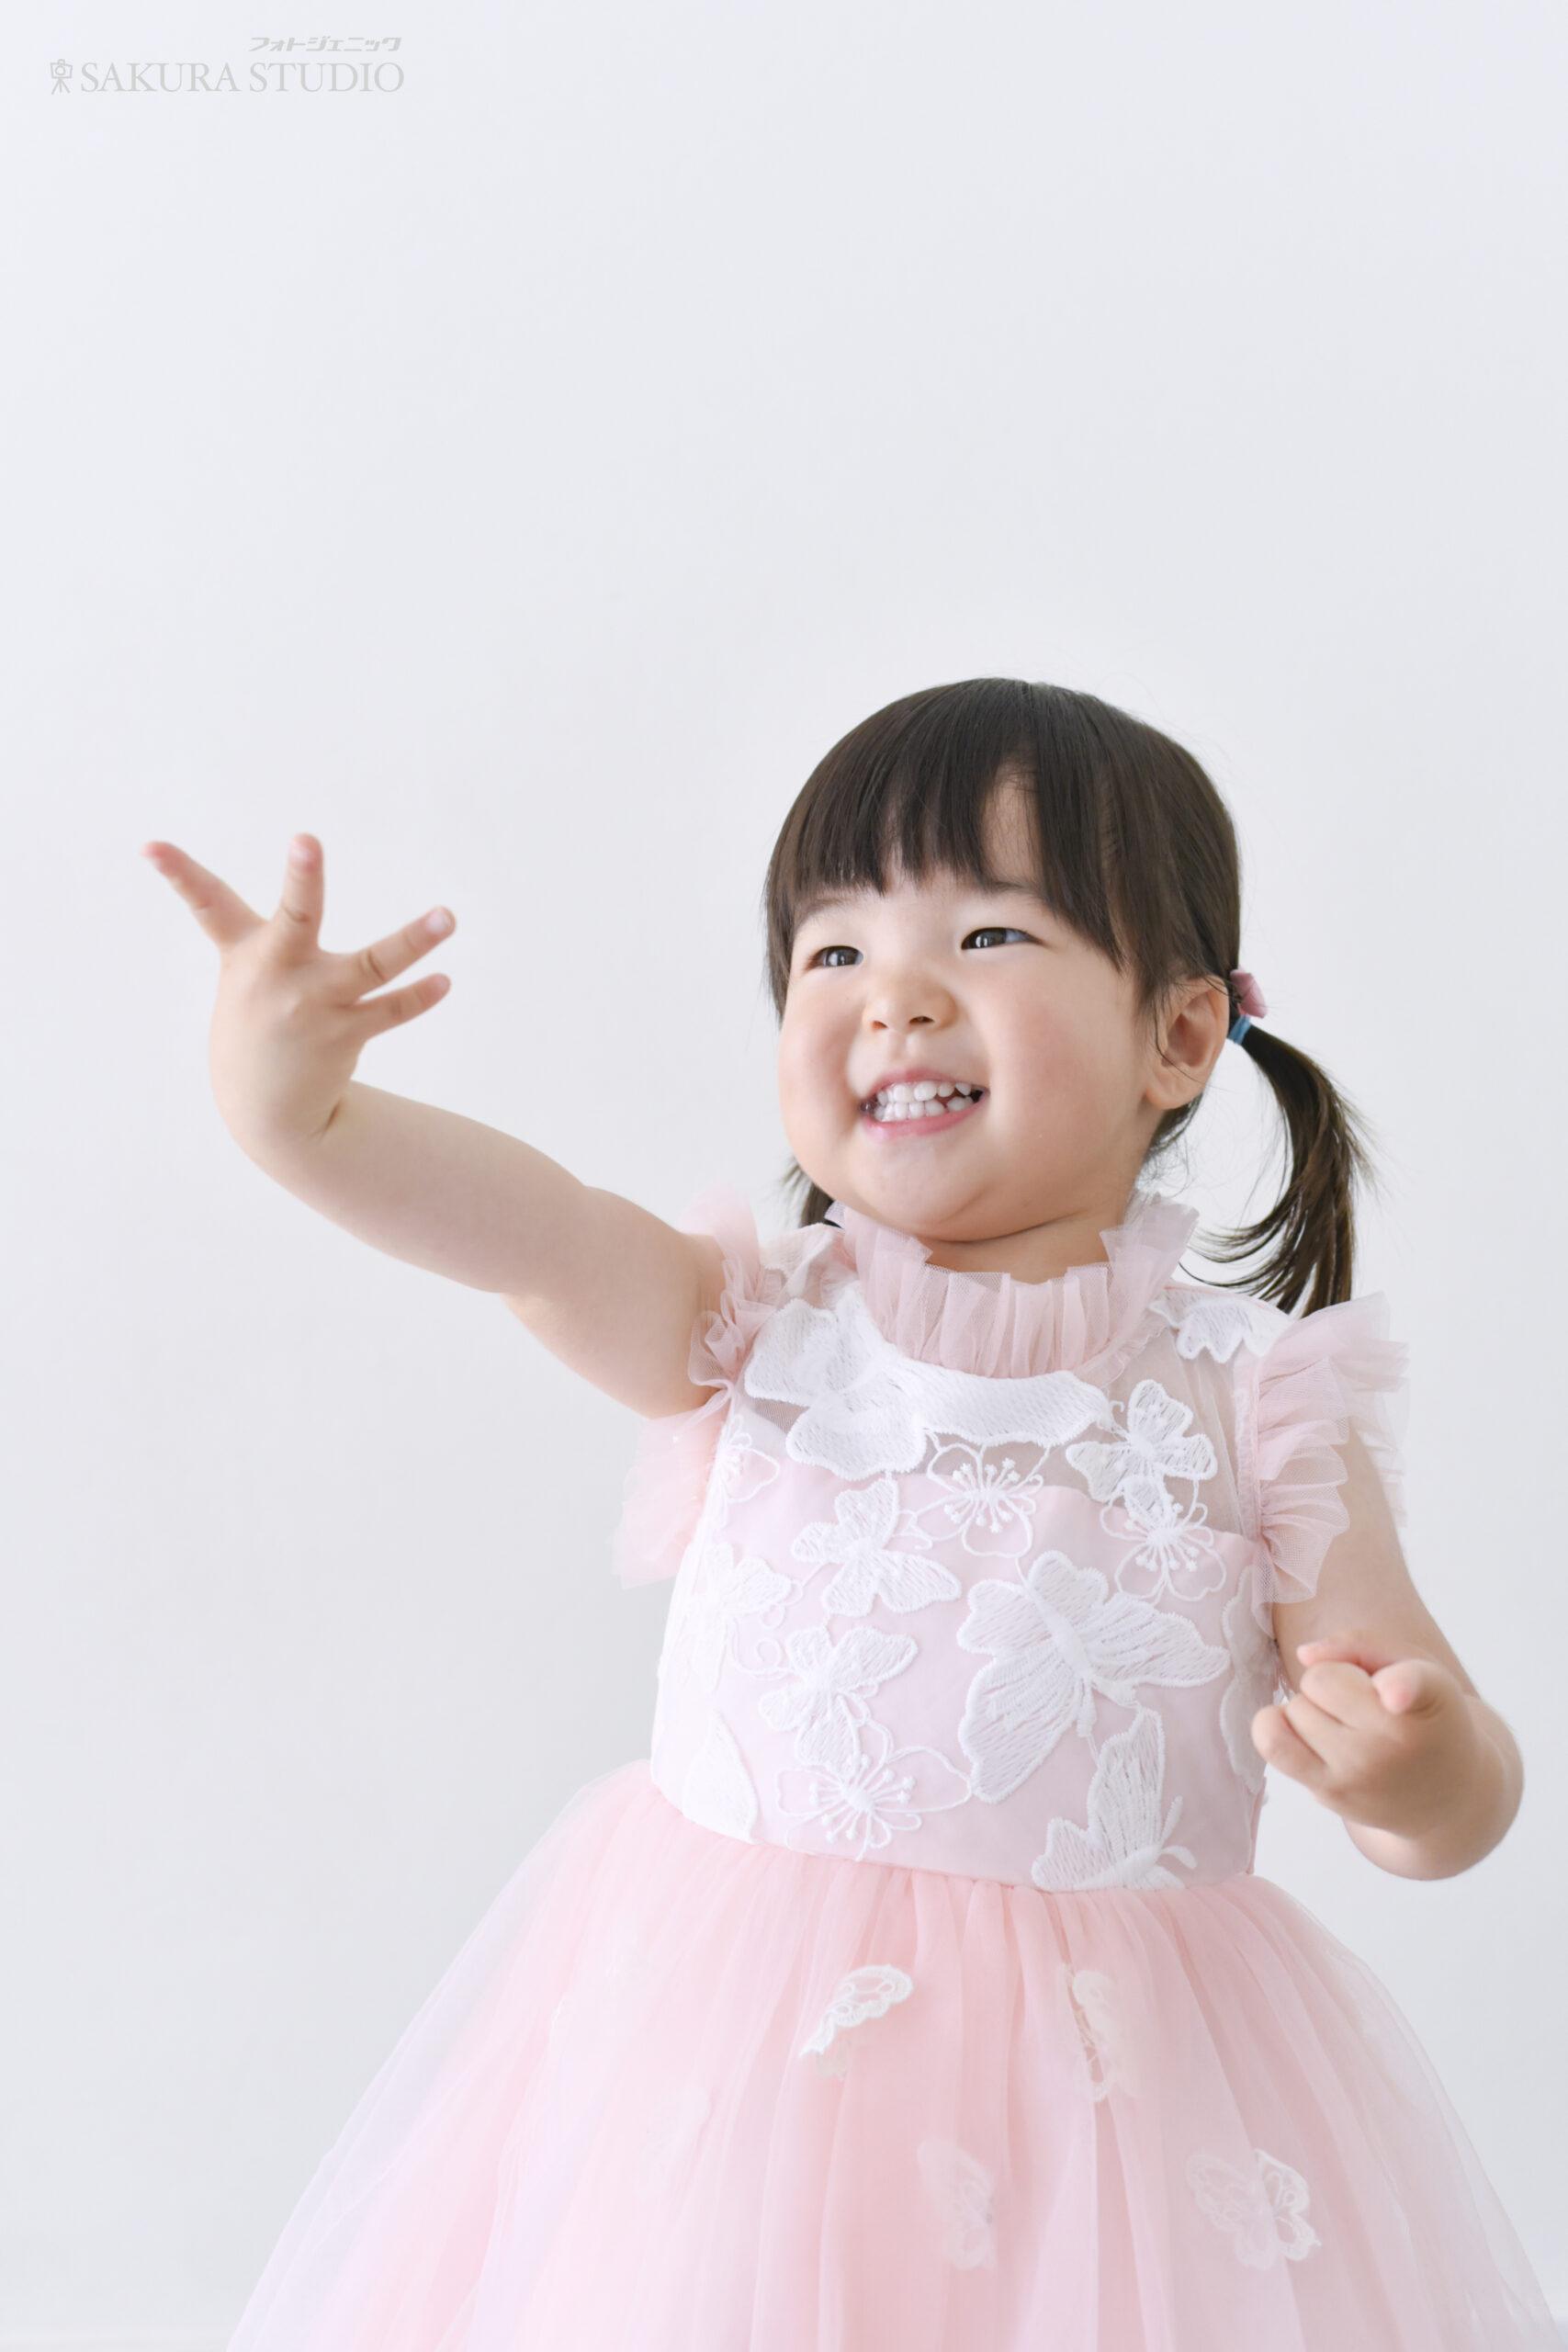 栃木 宇都宮 フォトスタジオ フォトジェニック フォトジェニックサクラスタジオ 3歳 入園 制服 2歳 ドレス カメラマン ロケーションフォト かわいい 兄妹